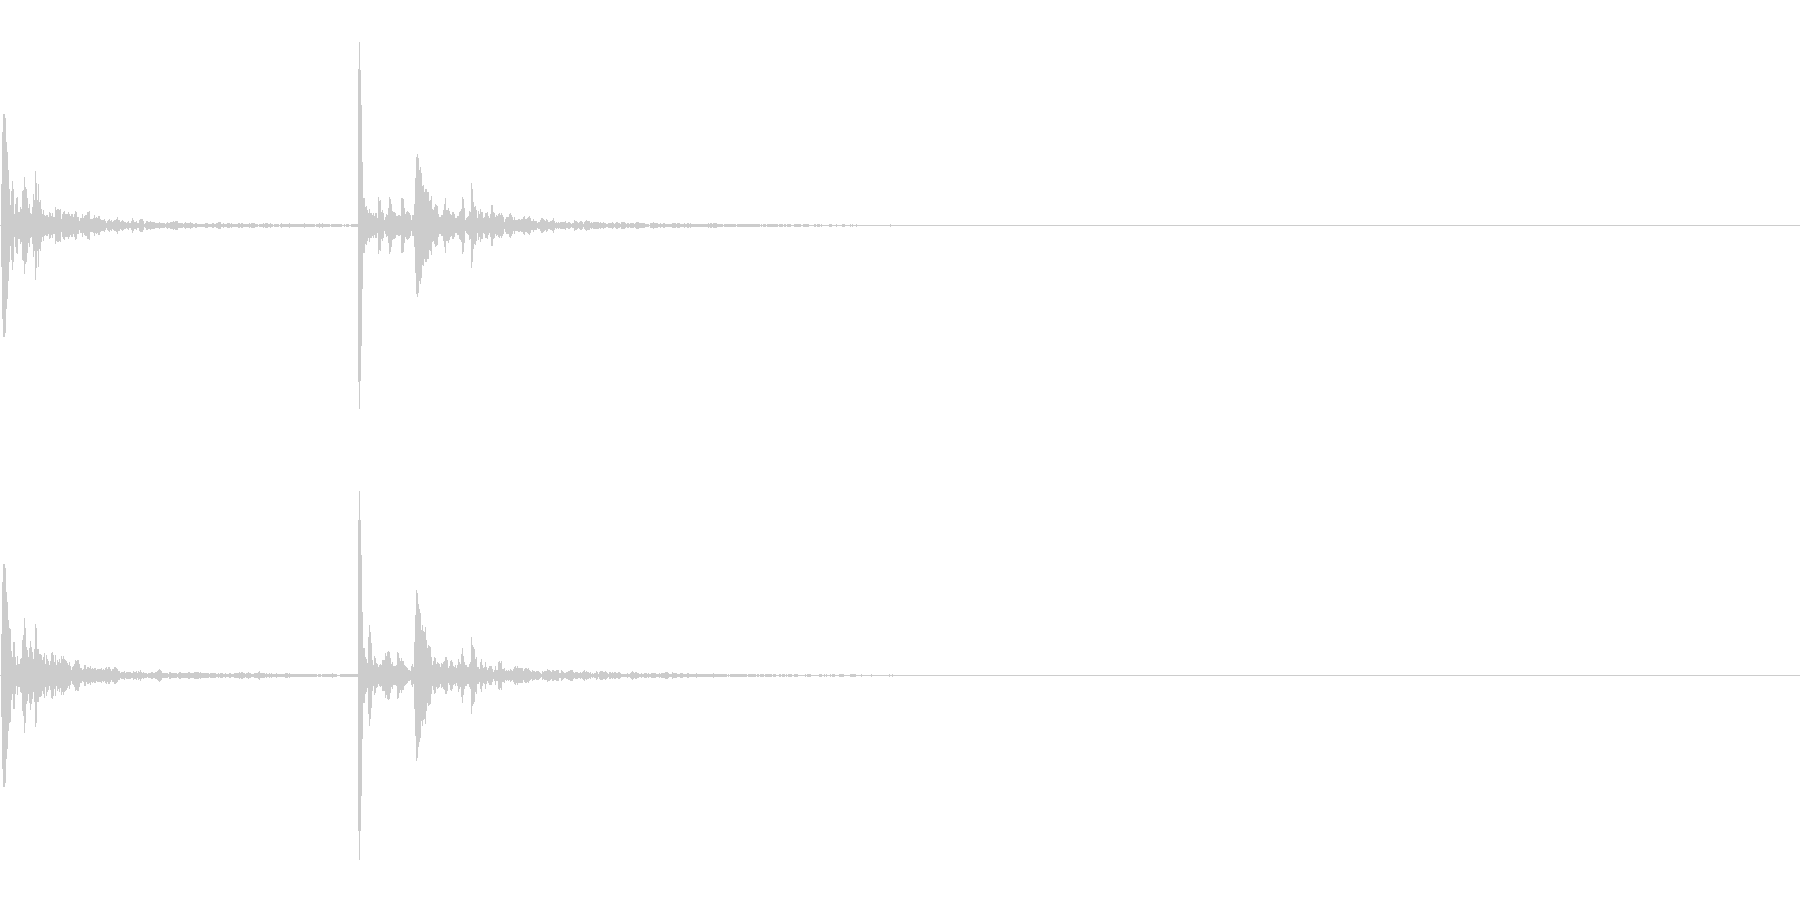 【生録音】お風呂 水の雫の音 一滴 1の未再生の波形